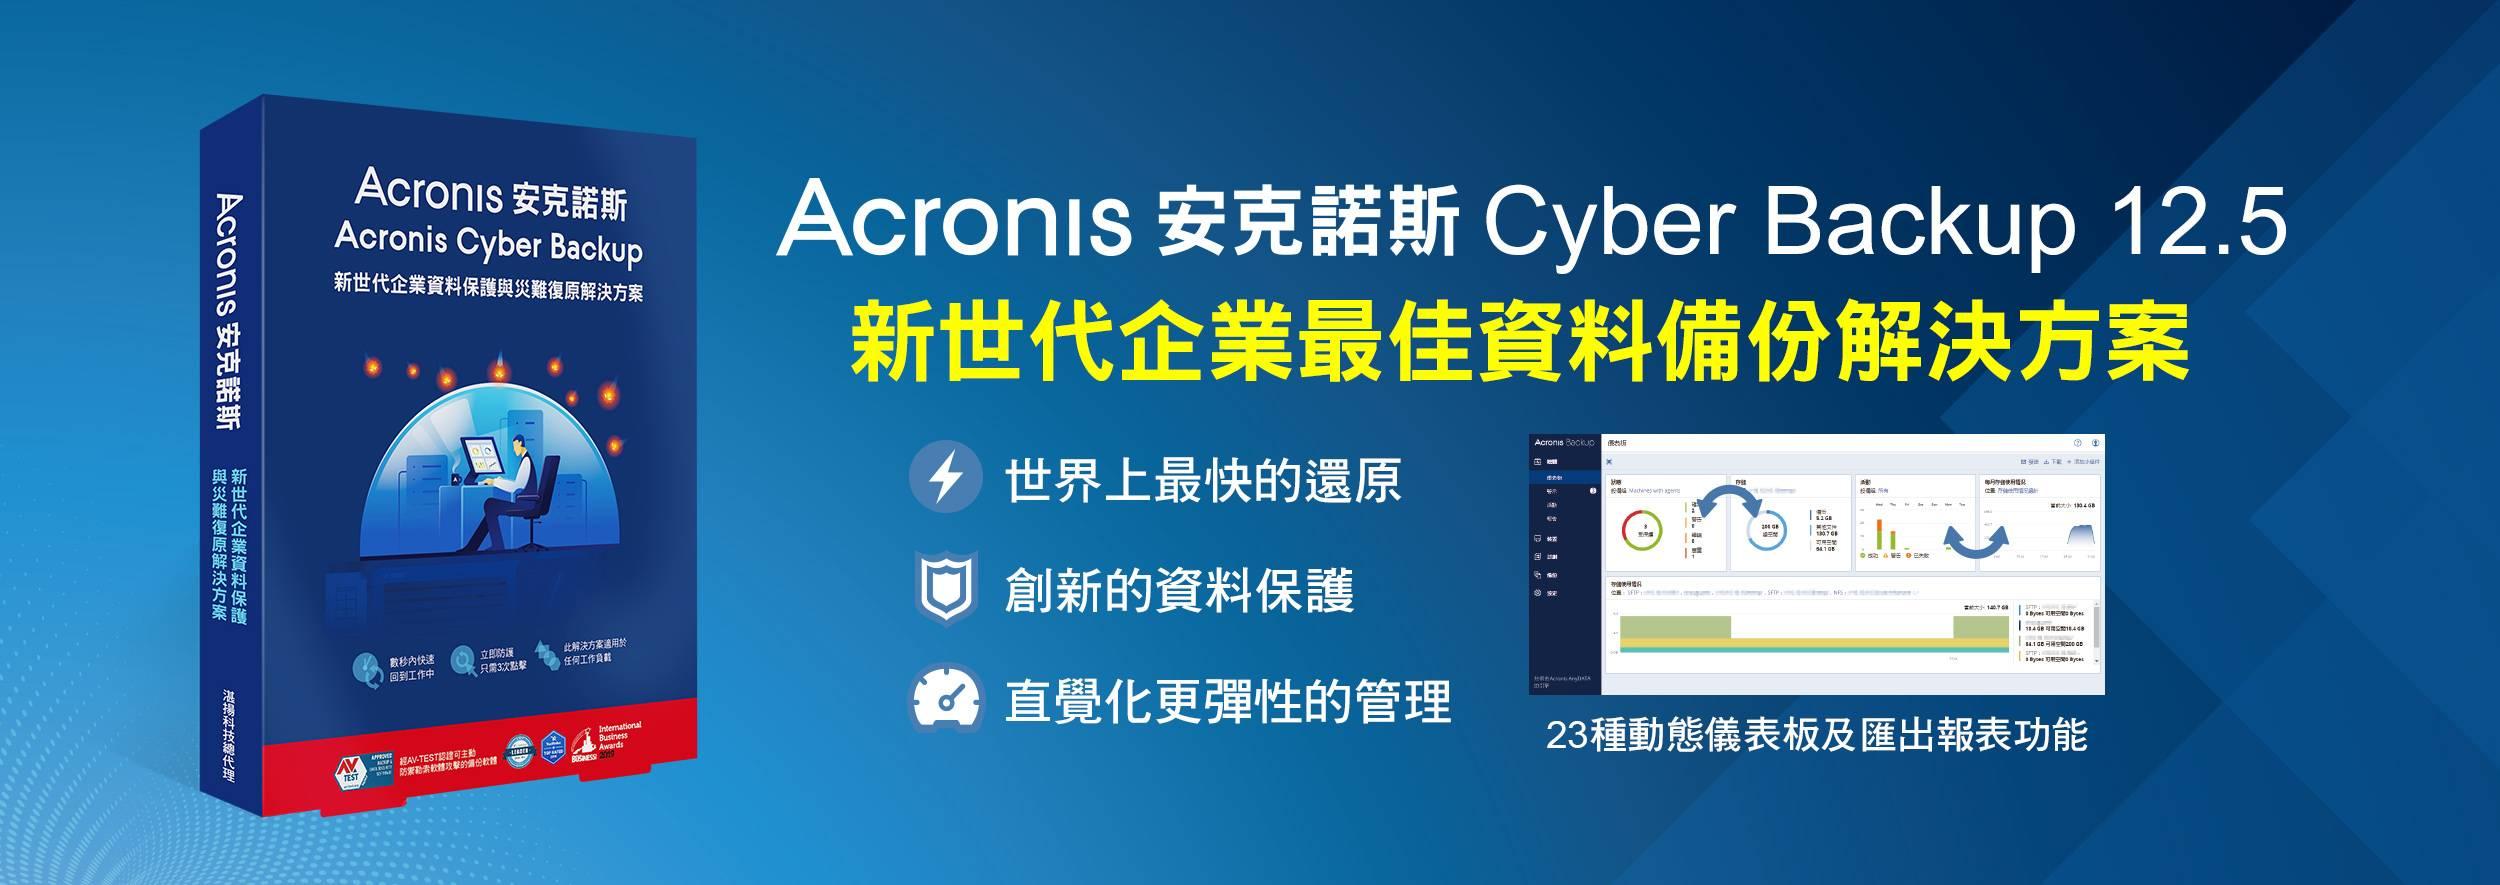 Acronis Backup 12.5 - 新世代企業最佳資料備份解決方案